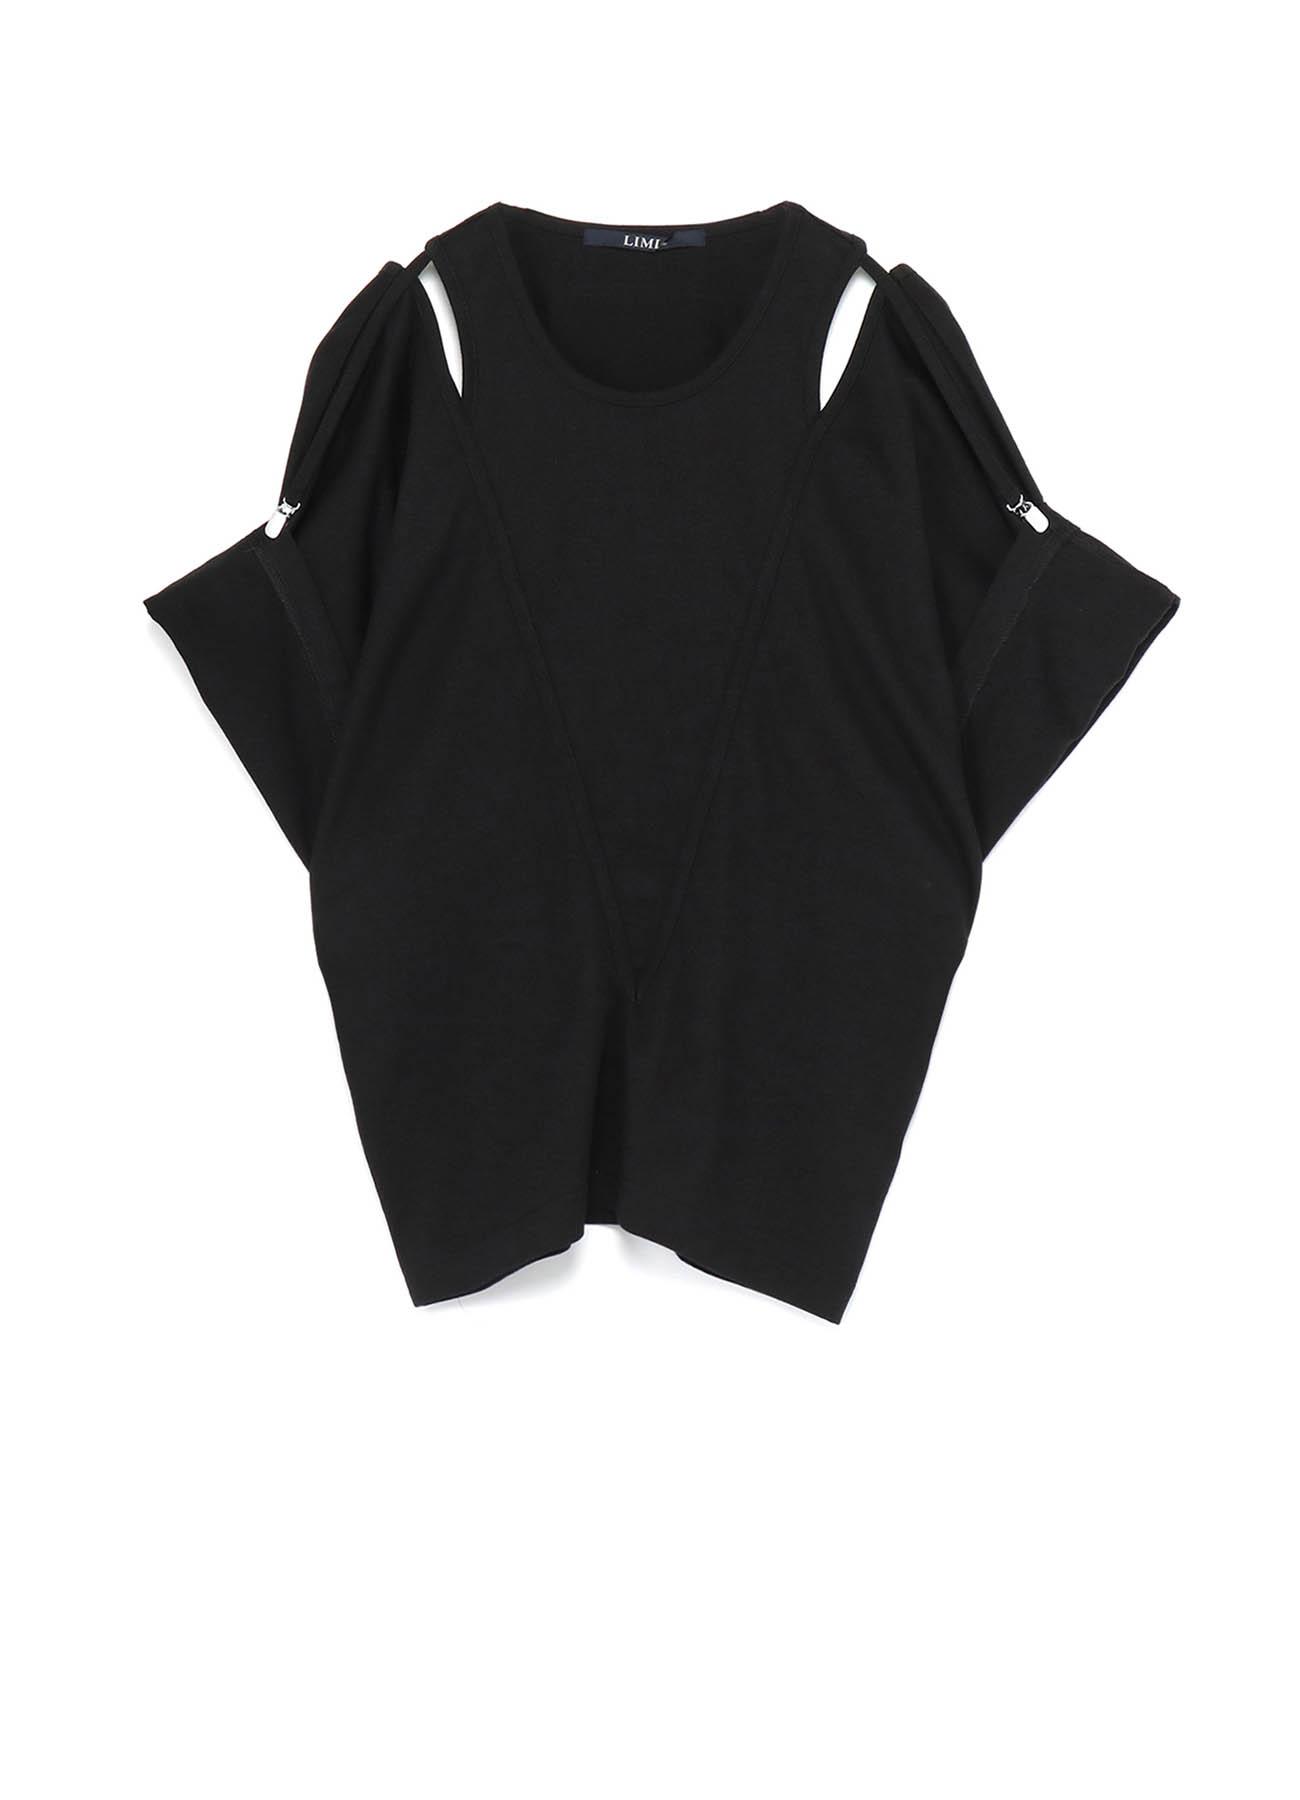 40/2 Cotton Plain stitch Suspender Slit T-shirt